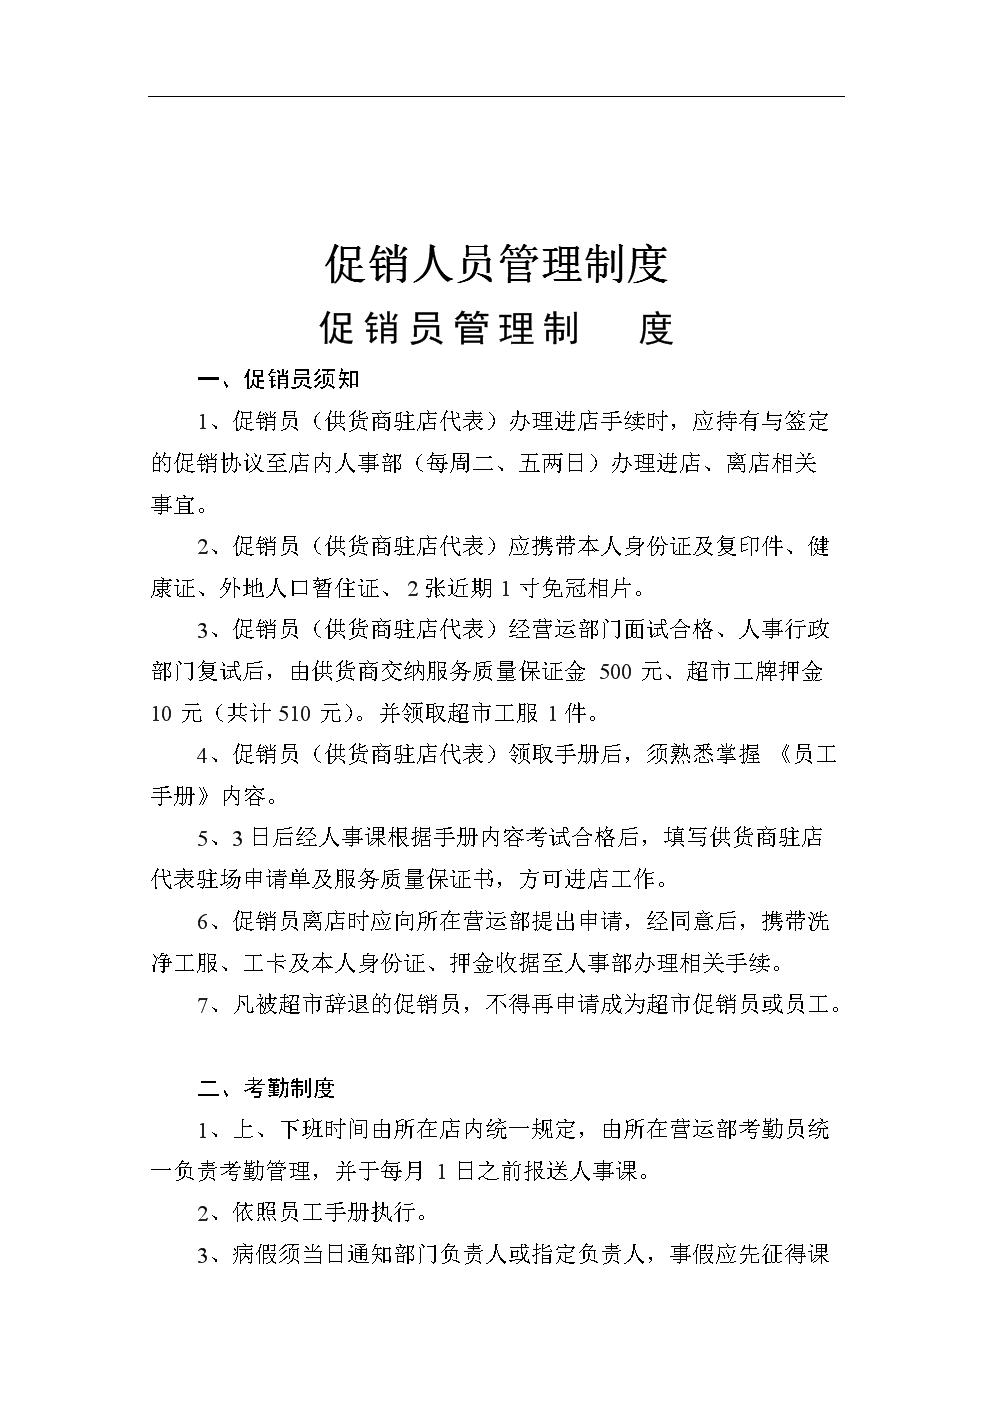 云南省暂住人口管理办法